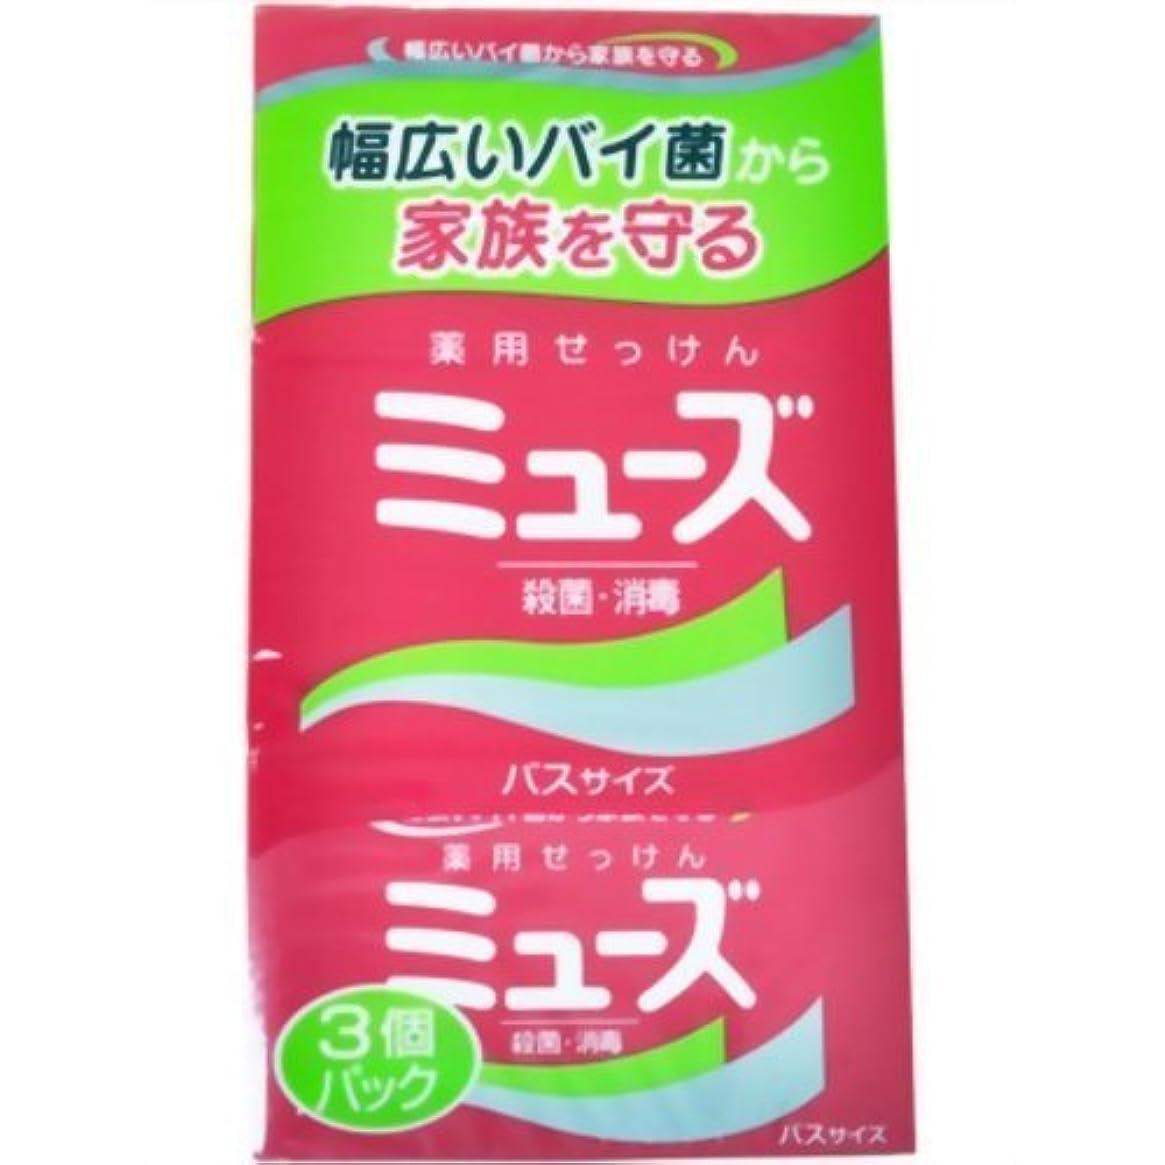 貞豚肉アクセサリーミューズ石鹸バスサイズ ×3個セット